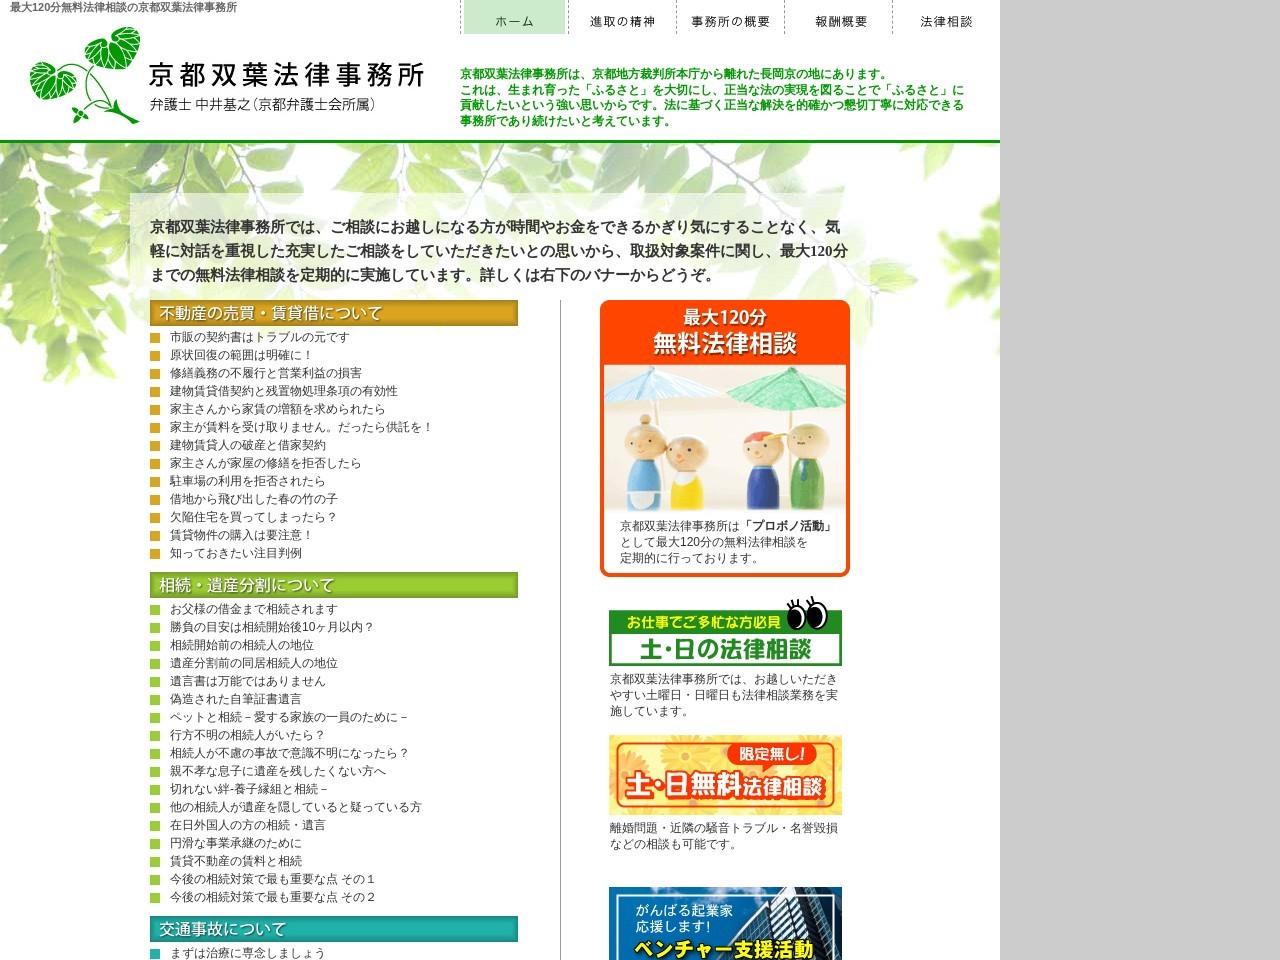 京都双葉法律事務所